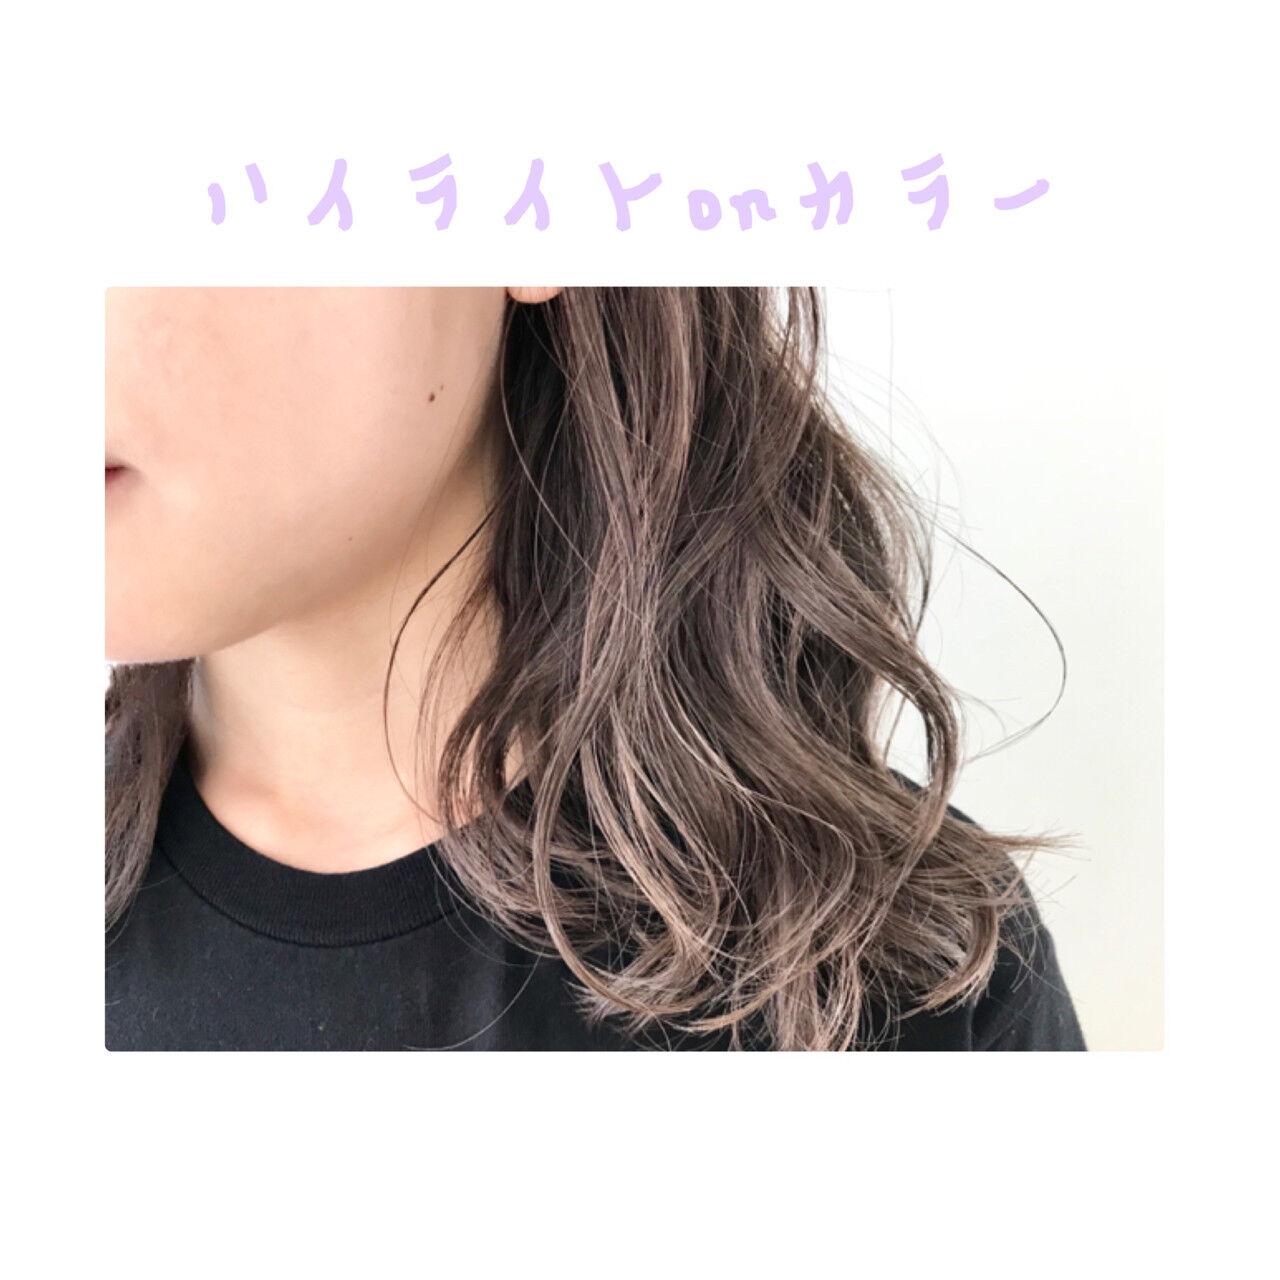 グレージュ モード グラデーションカラー ミディアムヘアスタイルや髪型の写真・画像